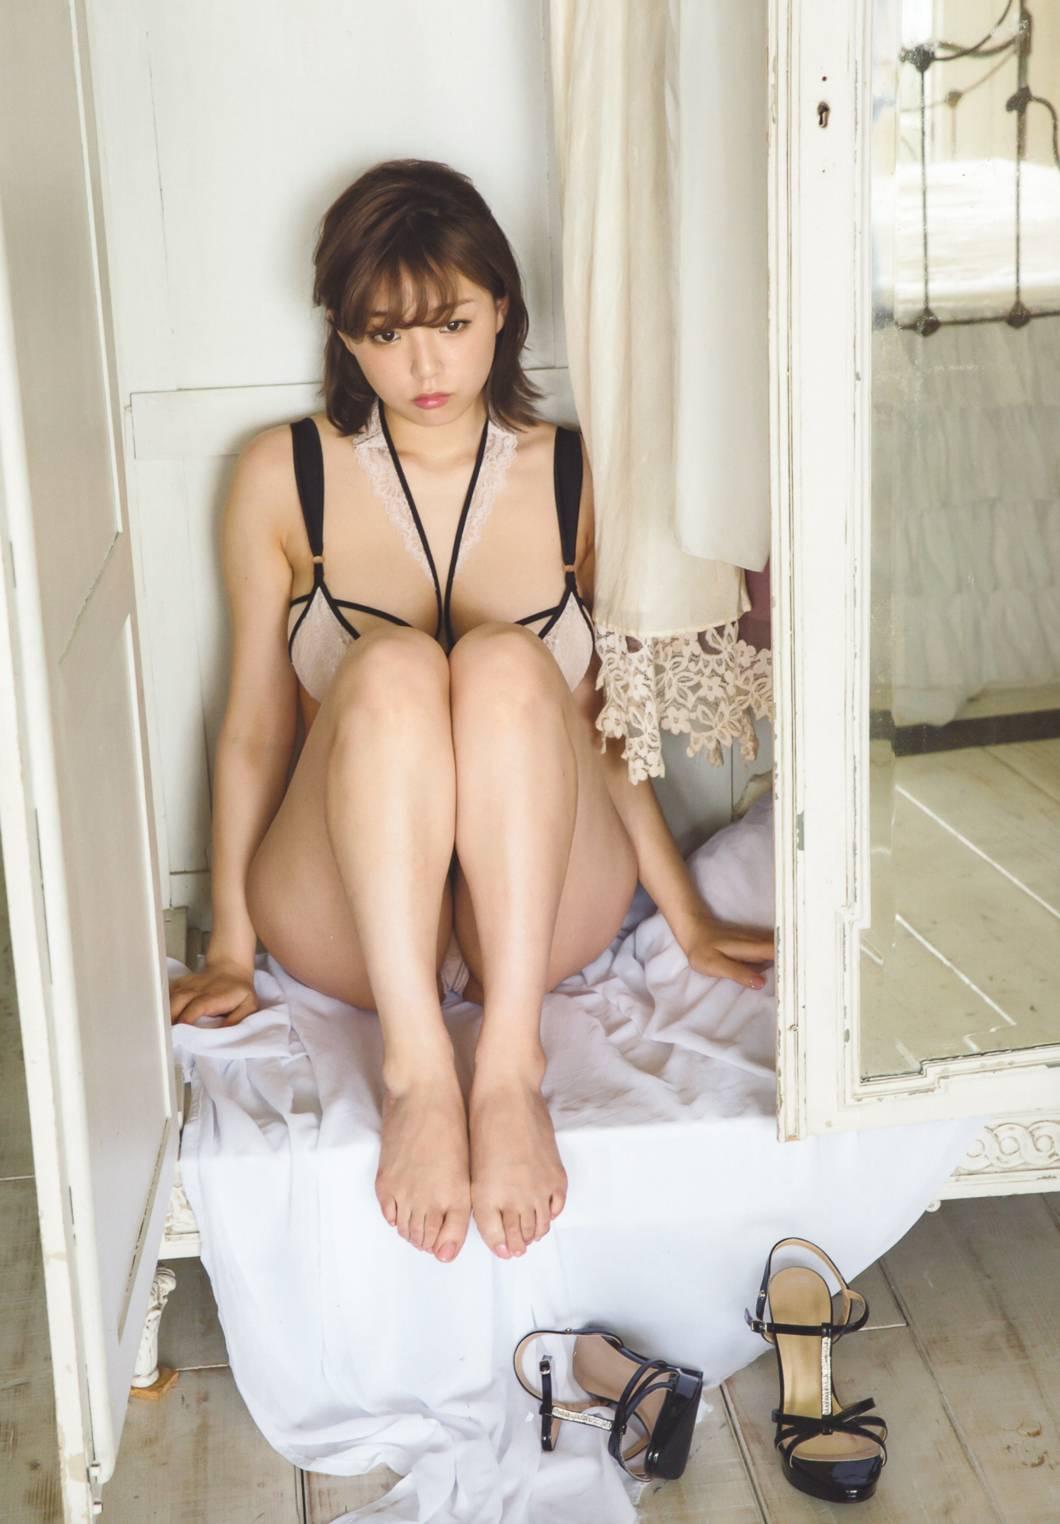 筱崎爱 - Kesshou(写真,2017年11月)第2部分